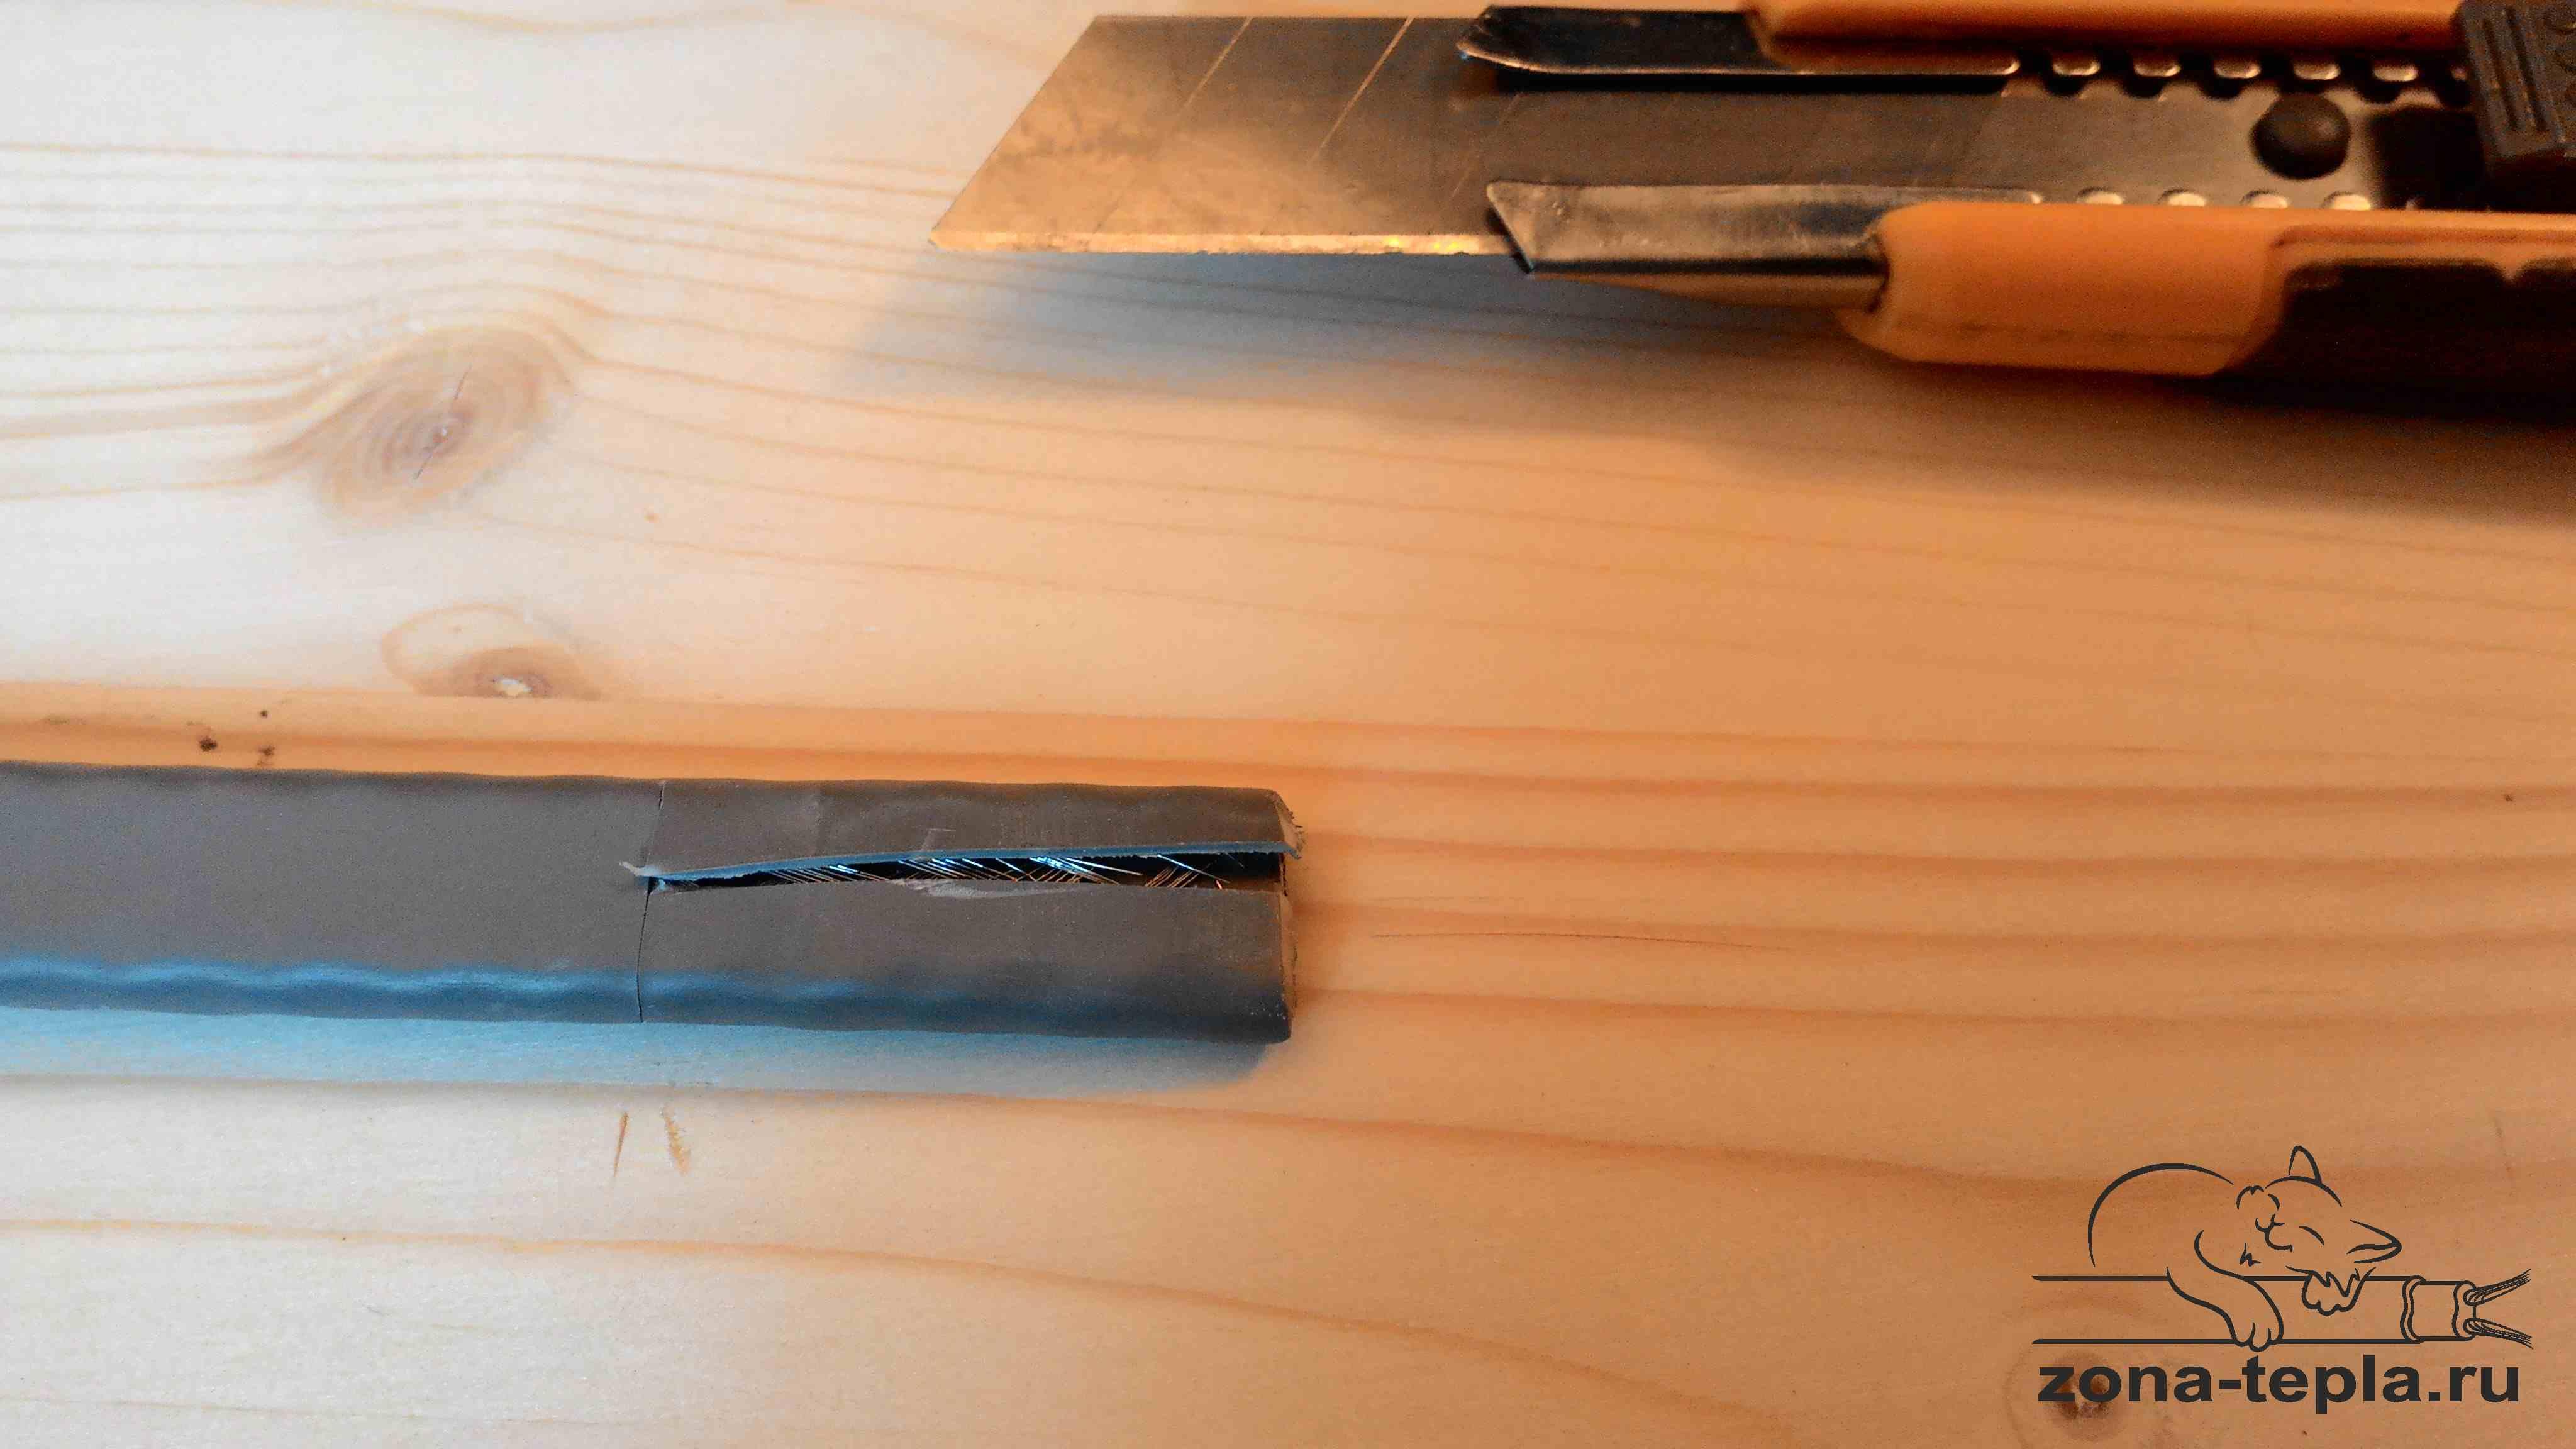 Подключение саморегулирующегося кабеля. 44-так же разрезаем внешнюю изоляцию